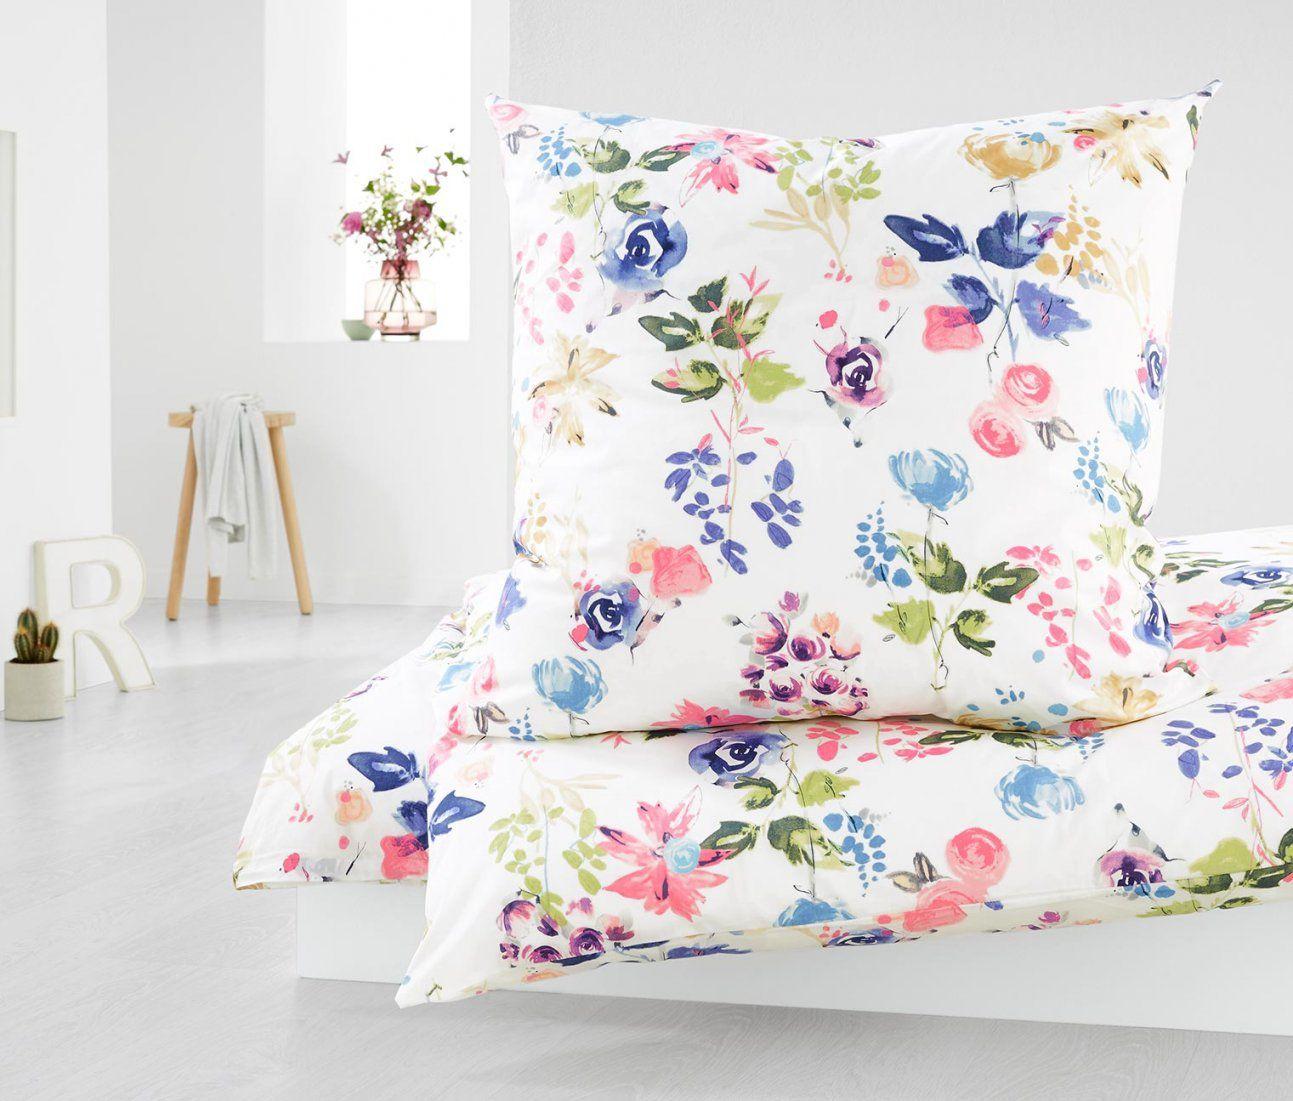 Perkalbettwäsche Übergröße Online Bestellen Bei Tchibo 342094 von Tchibo Bettwäsche Blumen Photo